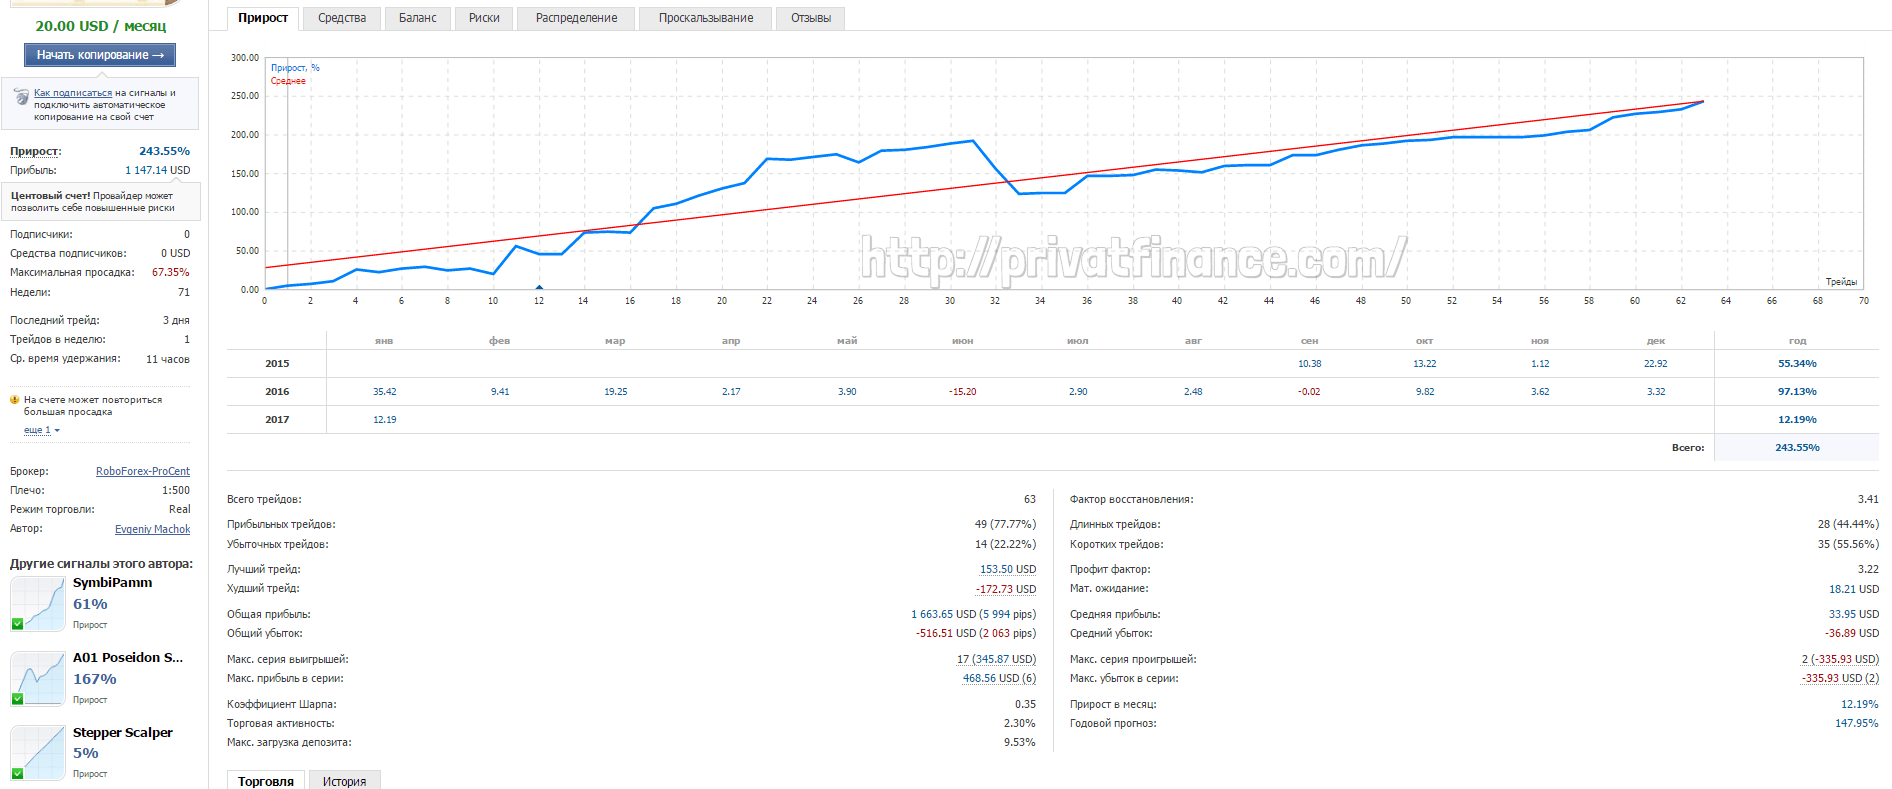 Торговые результаты советника Zeus Classic